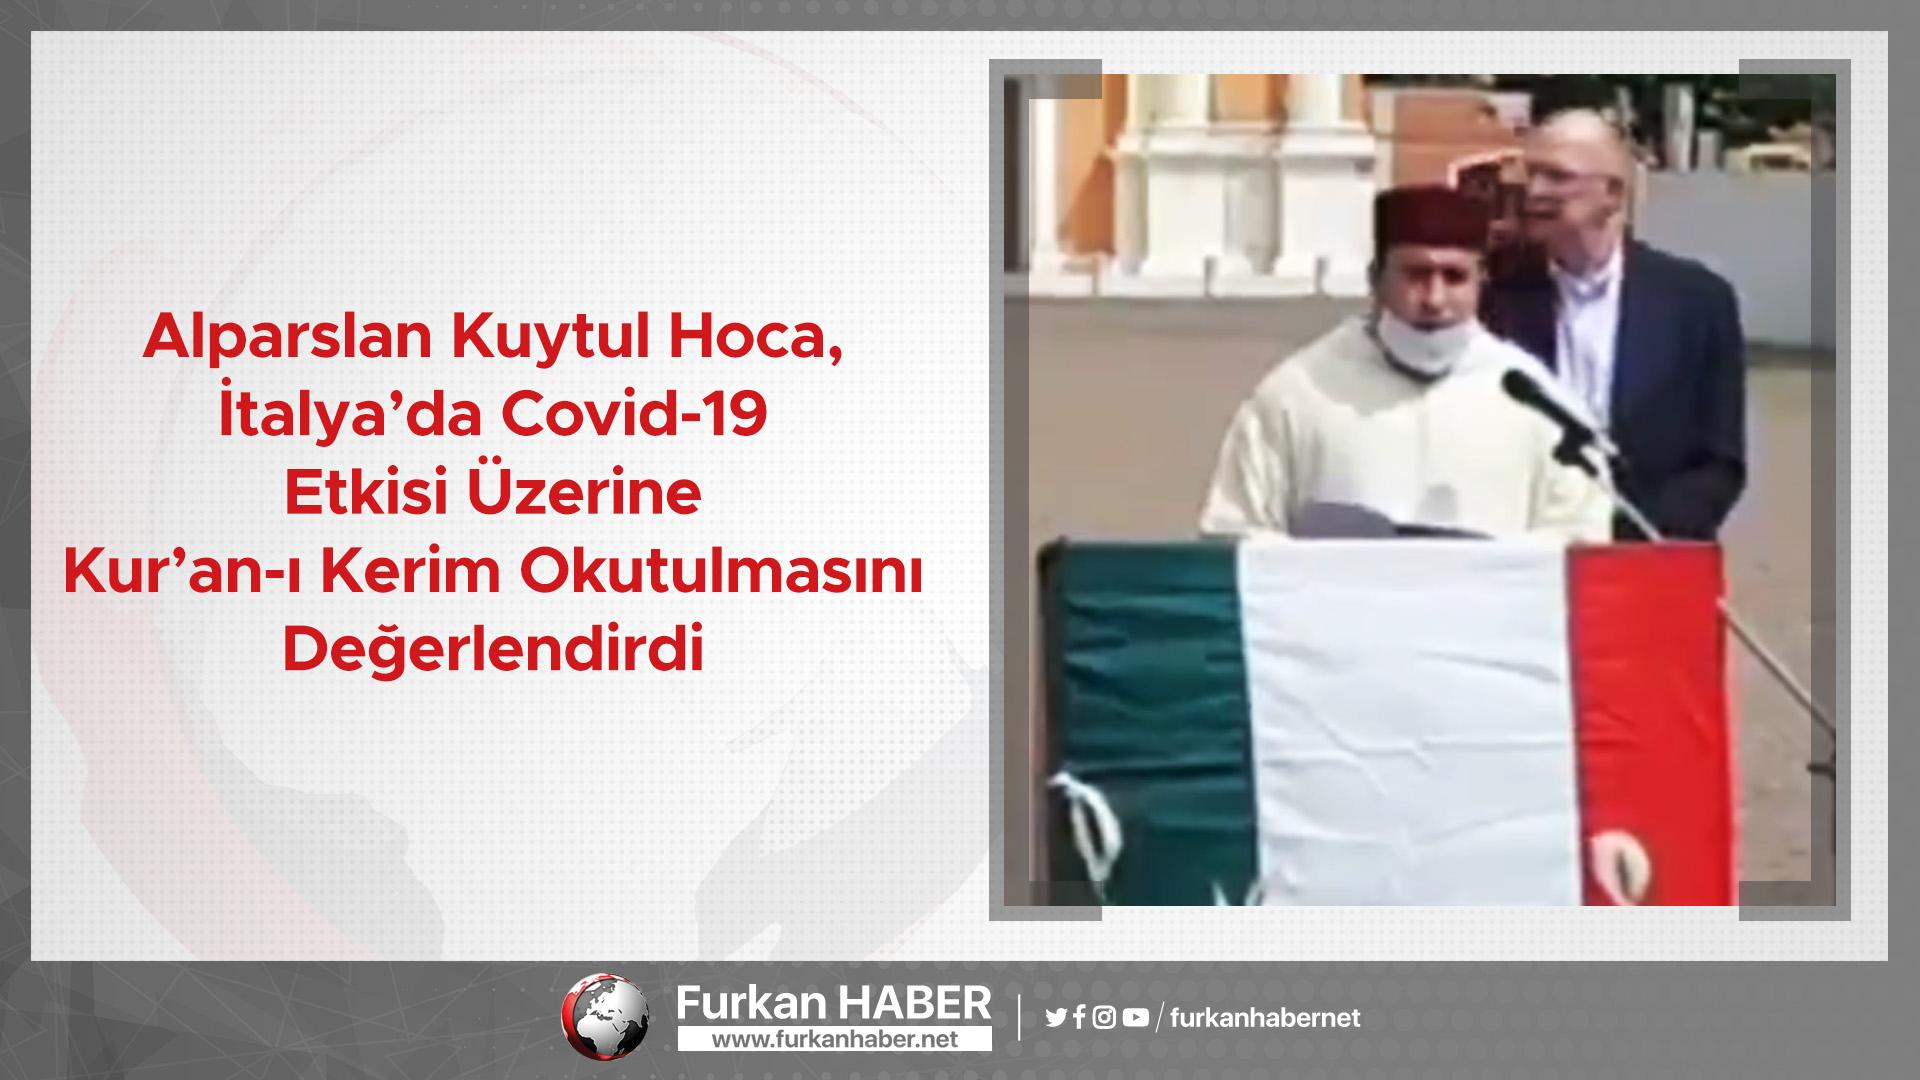 Alparslan Kuytul Hoca, İtalya'da Covid-19 Etkisi Üzerine Kur'an-ı Kerim Okutulmasını Değerlendirdi